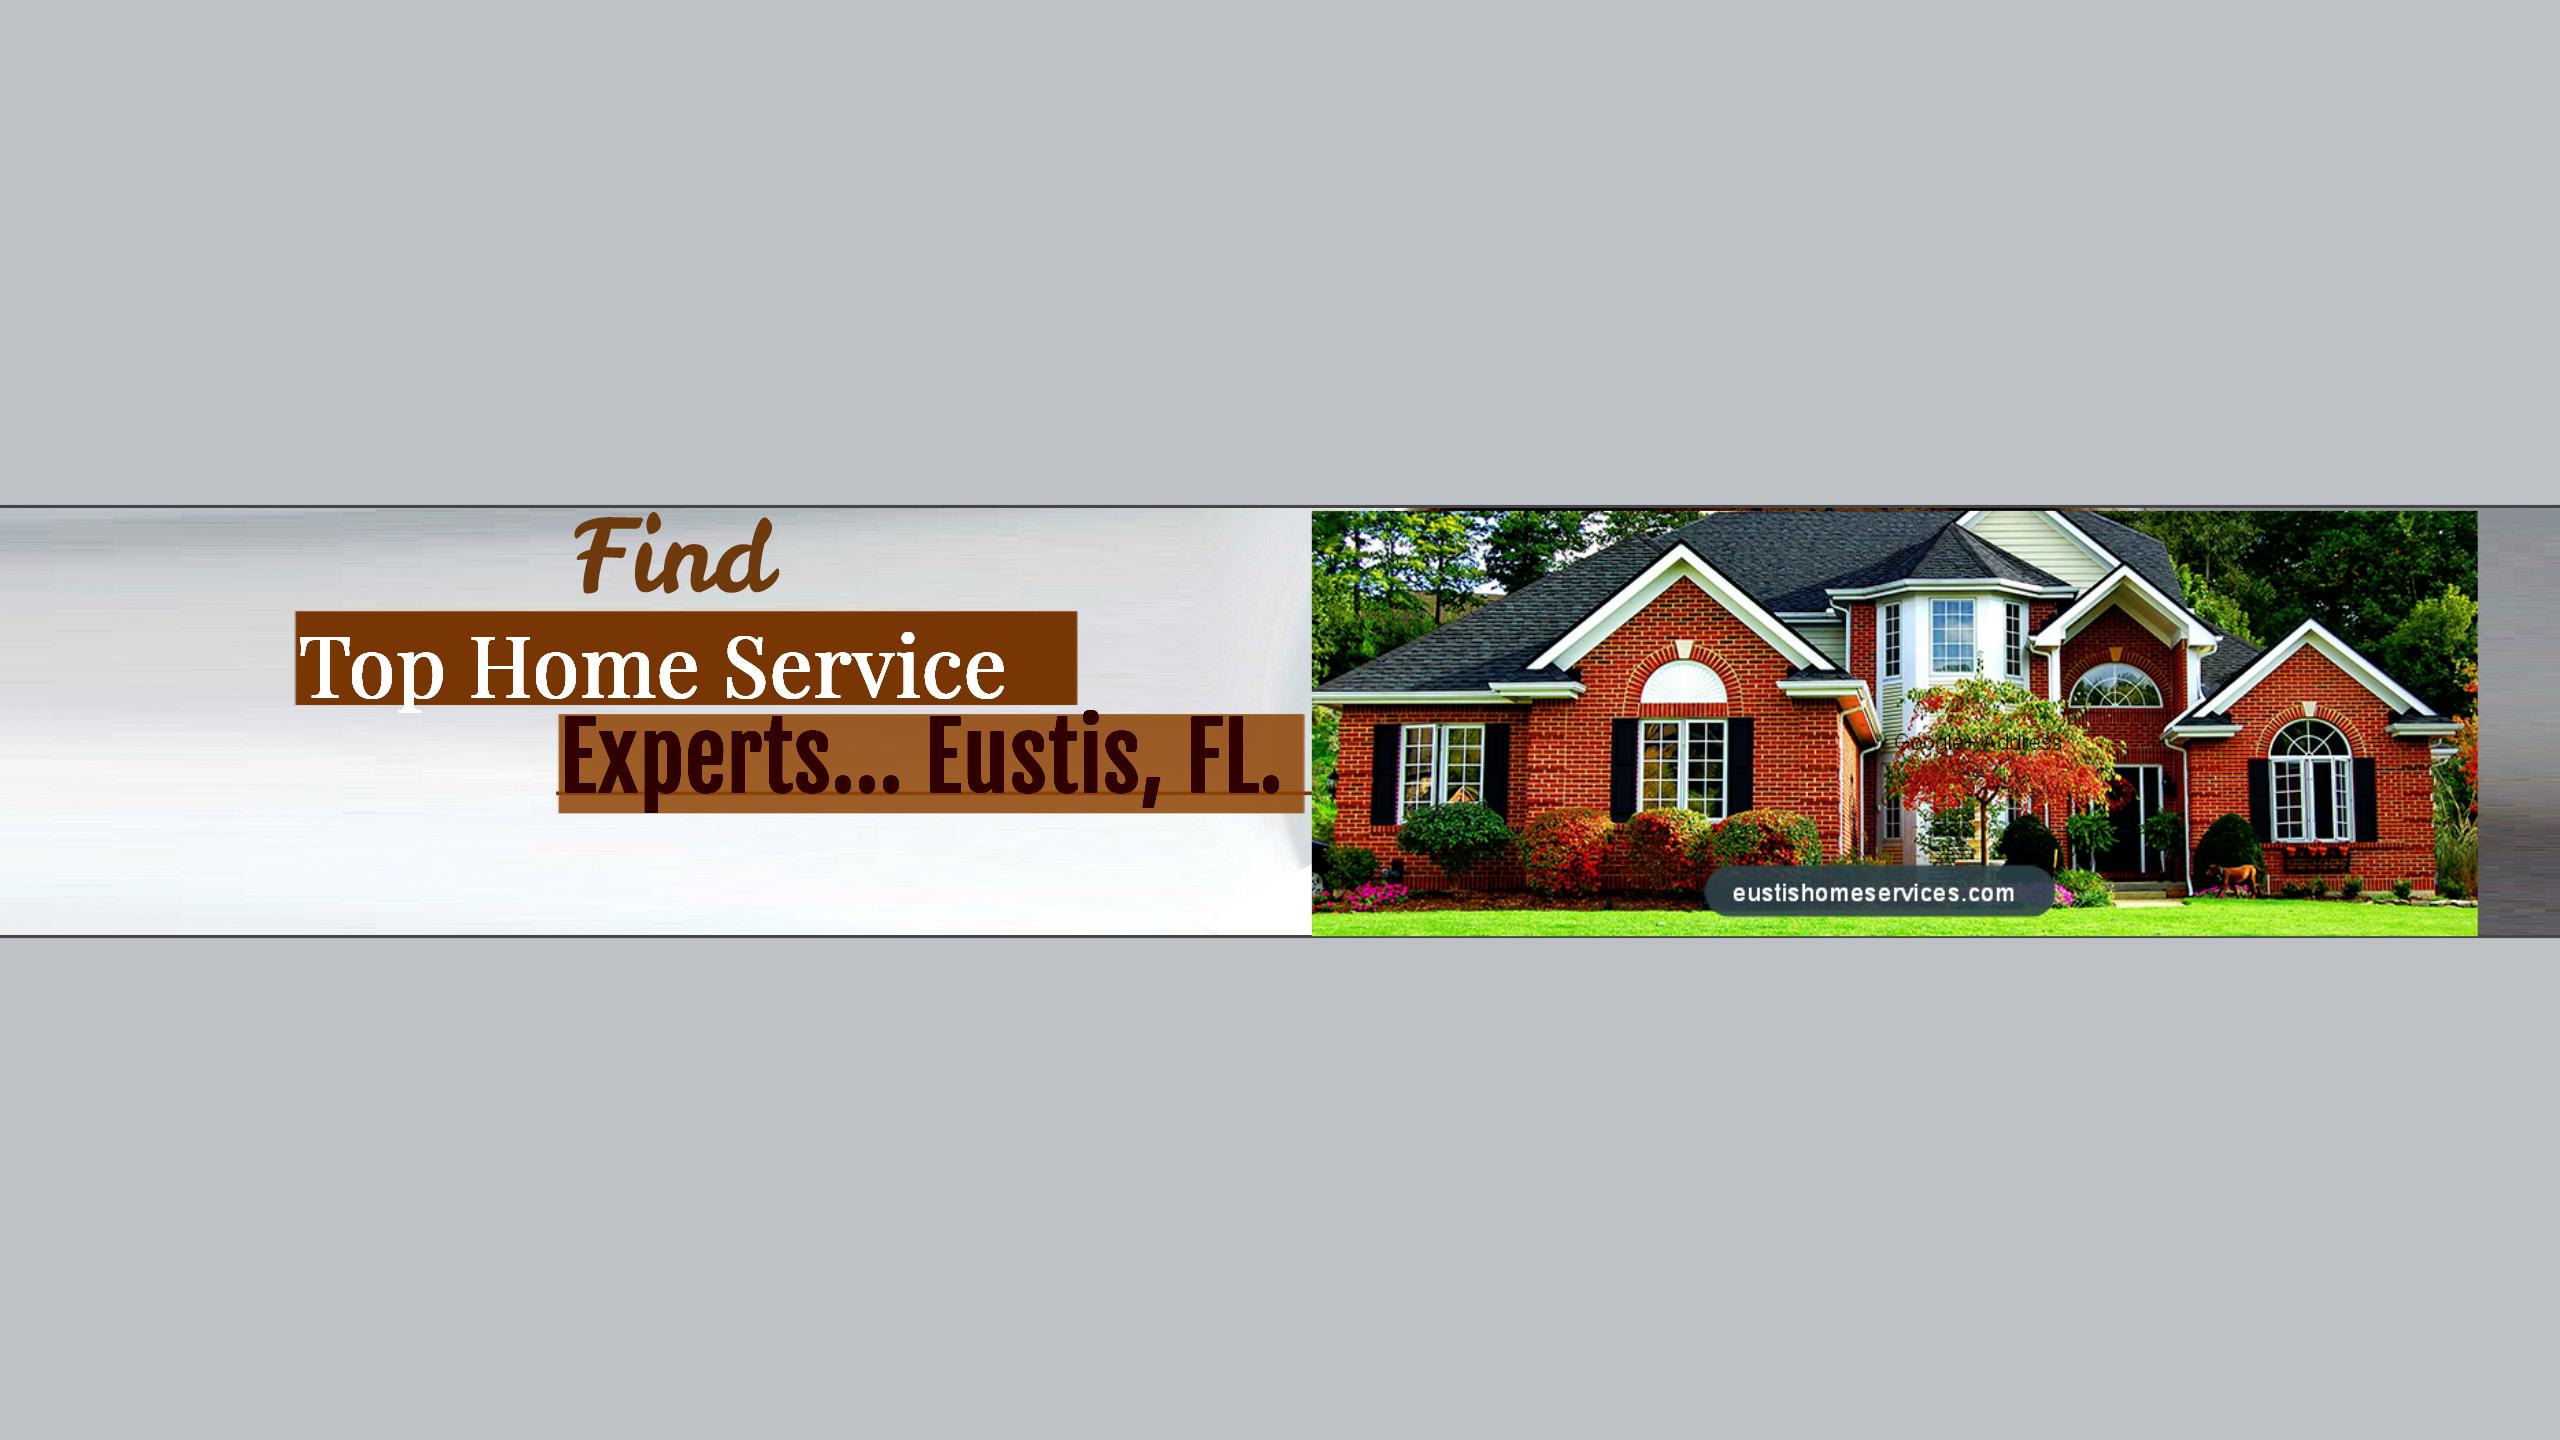 Eustis Home Services